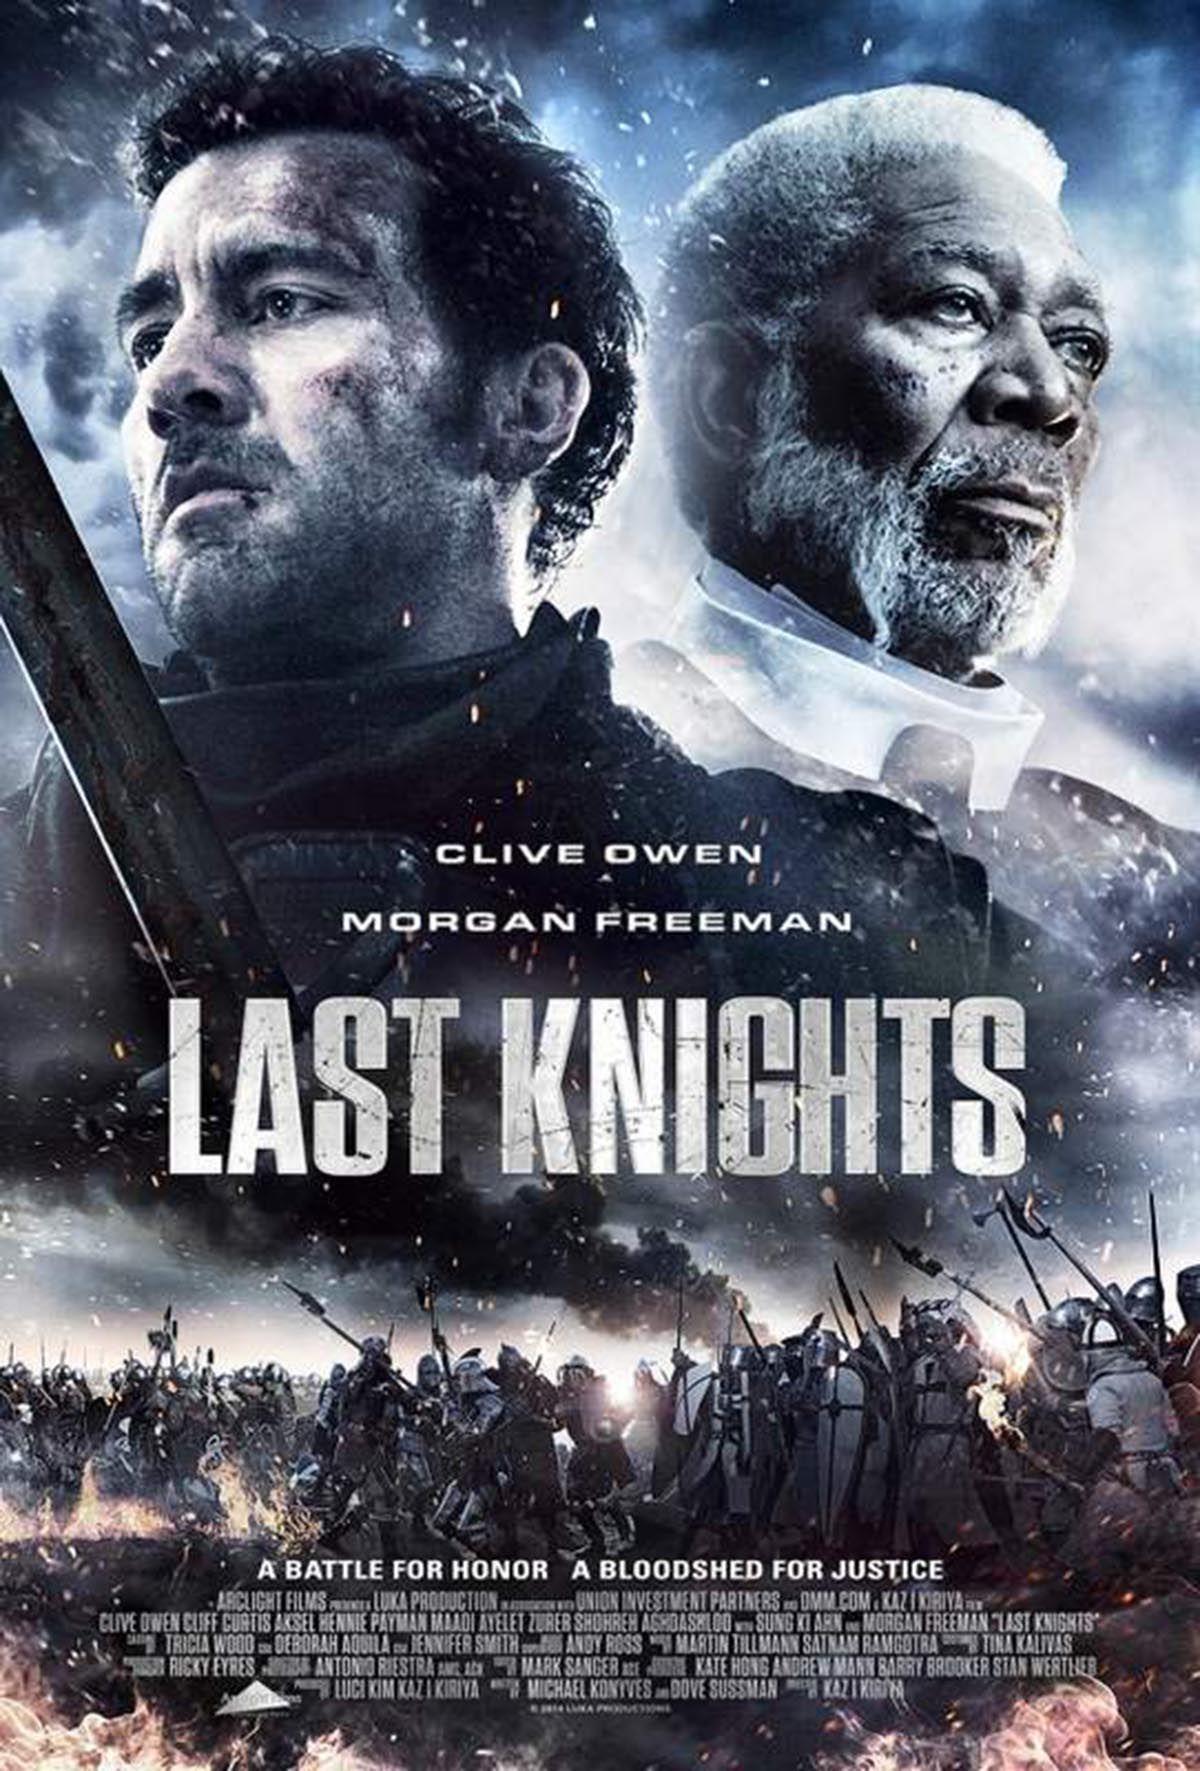 Os Ultimos Cavaleiros Filme Dublado Recuperar Nossa Horar Ate O Fim Video Motivacional 2020 O Ultimo Cavaleiro Cavaleiro Clive Owen